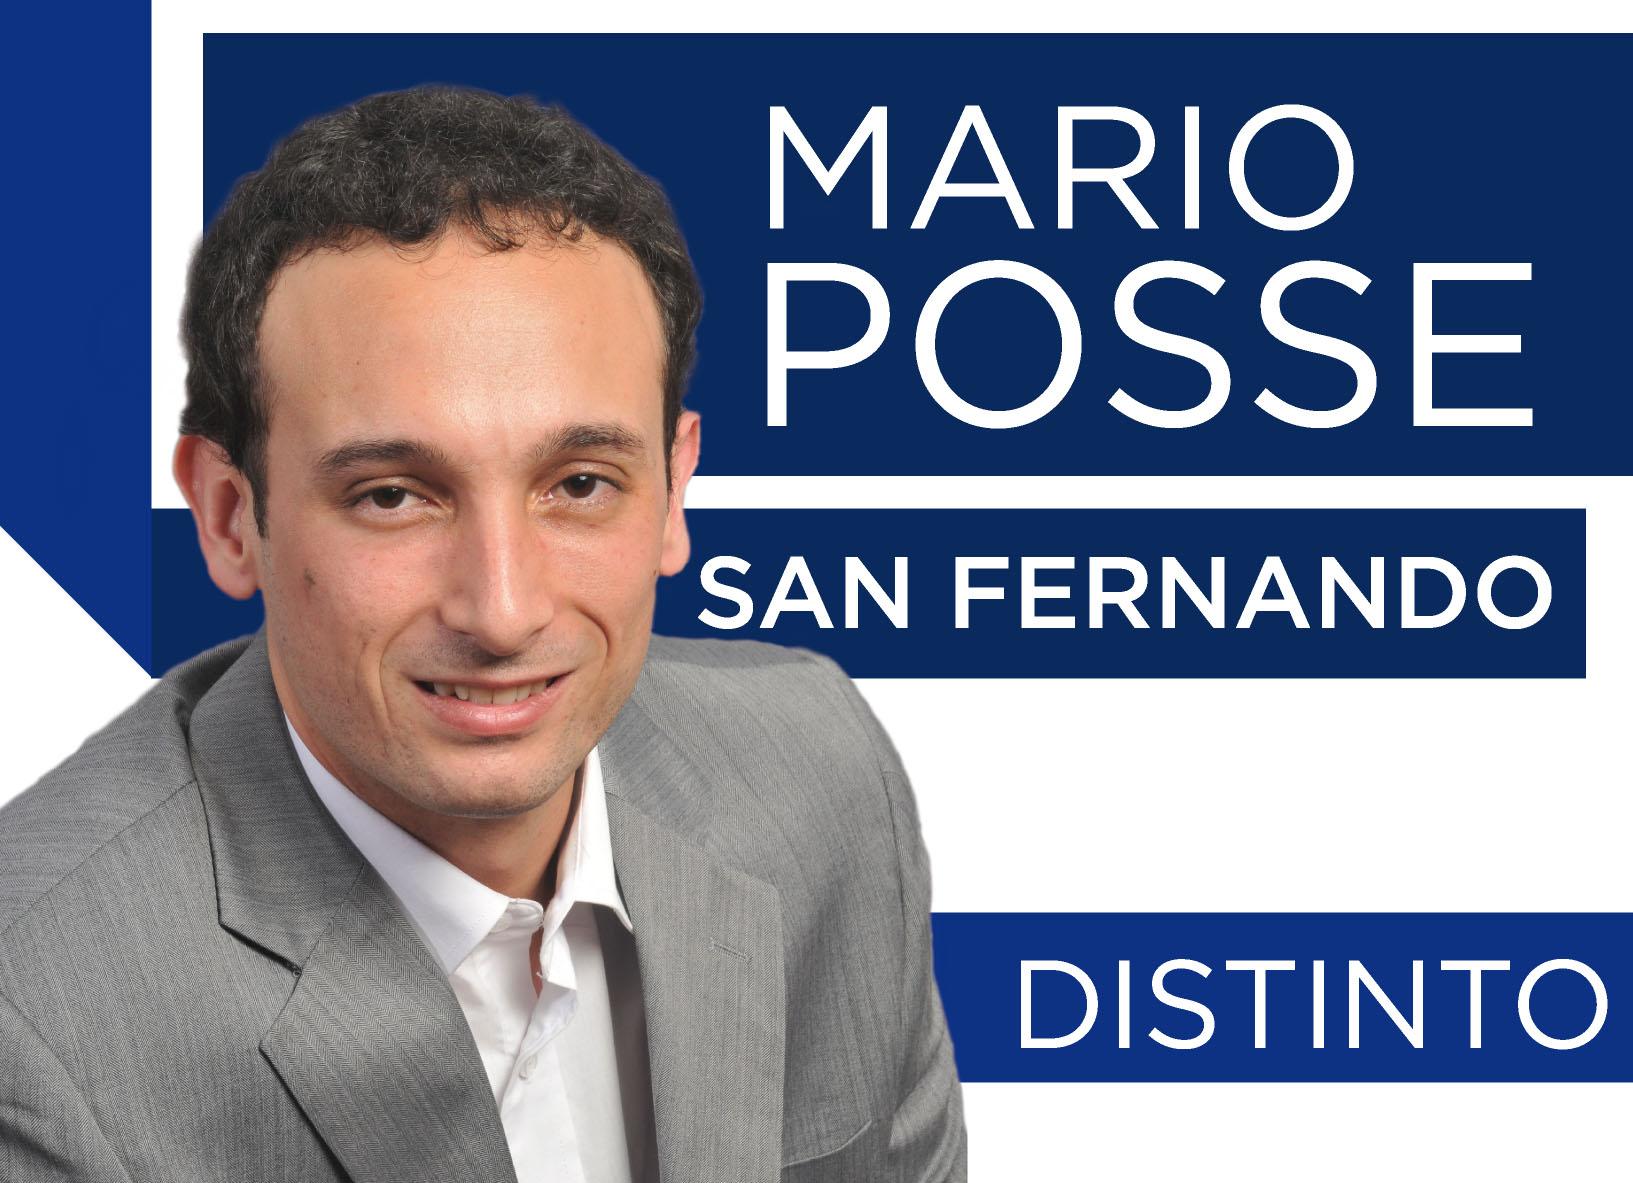 Mario Posse quiere hacer pie en San Fernando